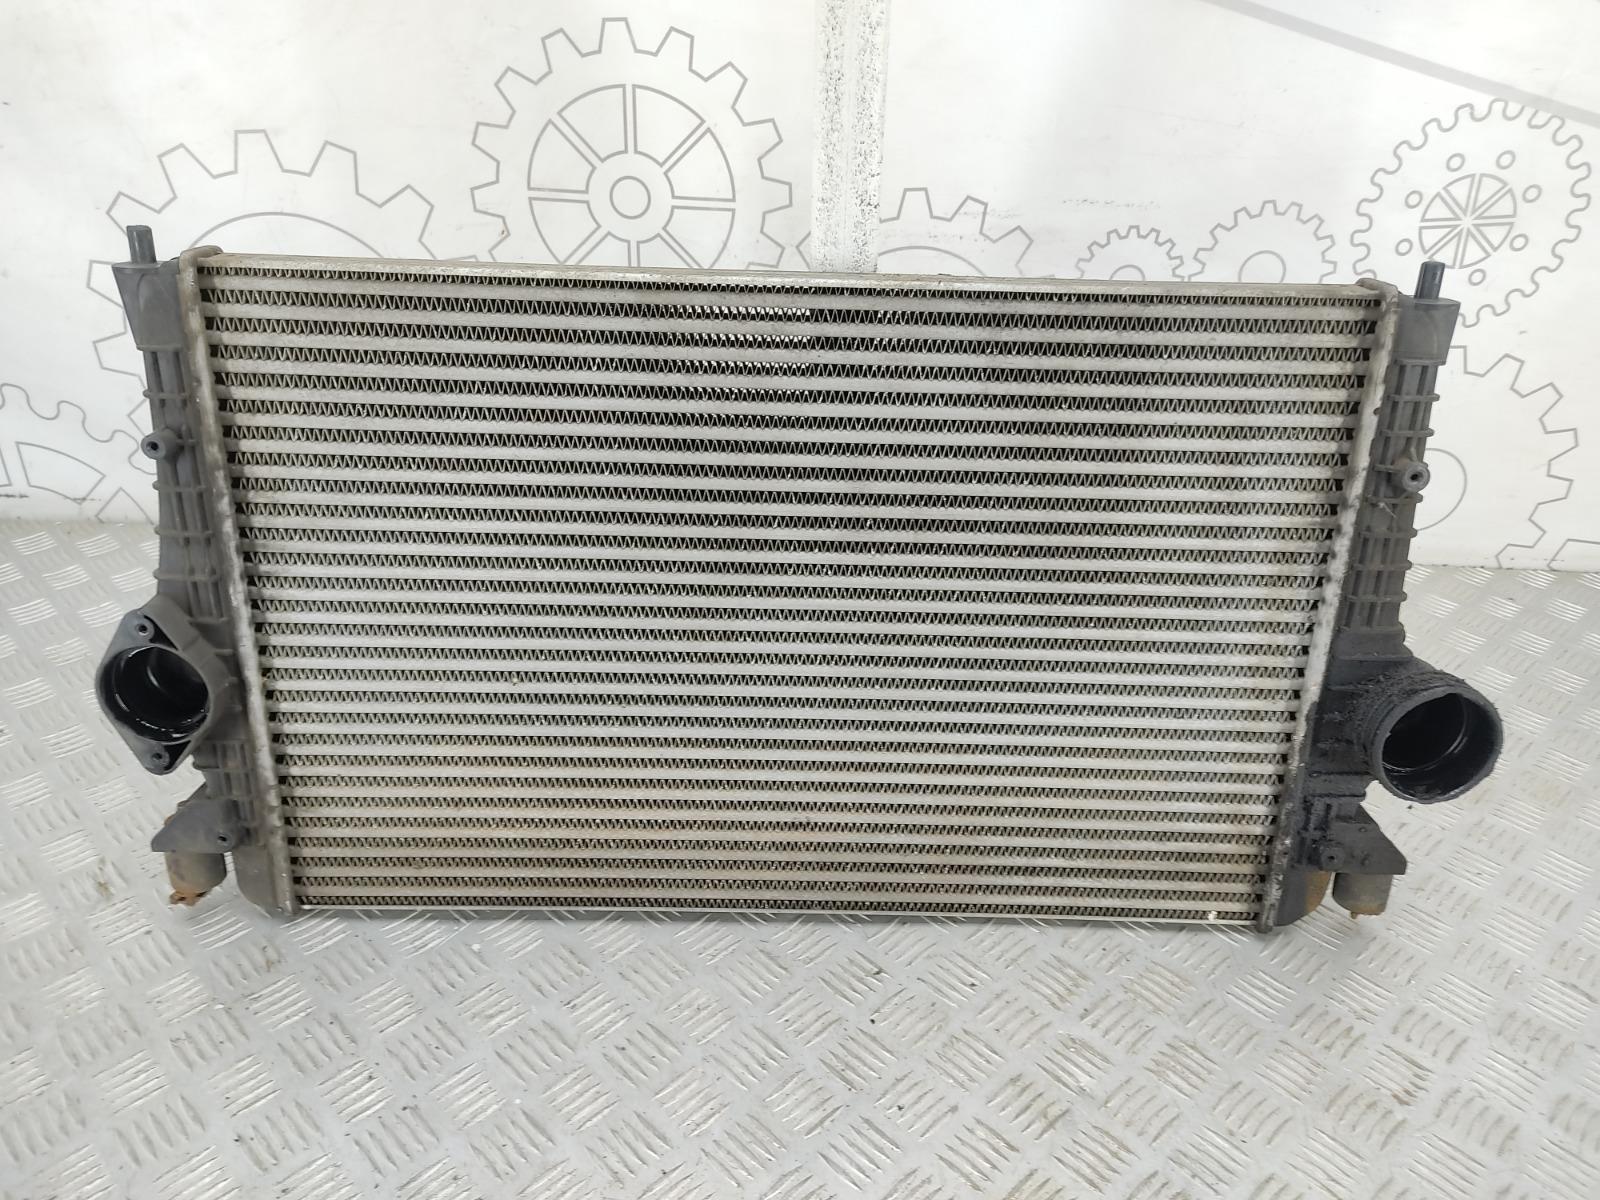 Интеркулер Seat Alhambra 2.0 TDI 2007 (б/у)